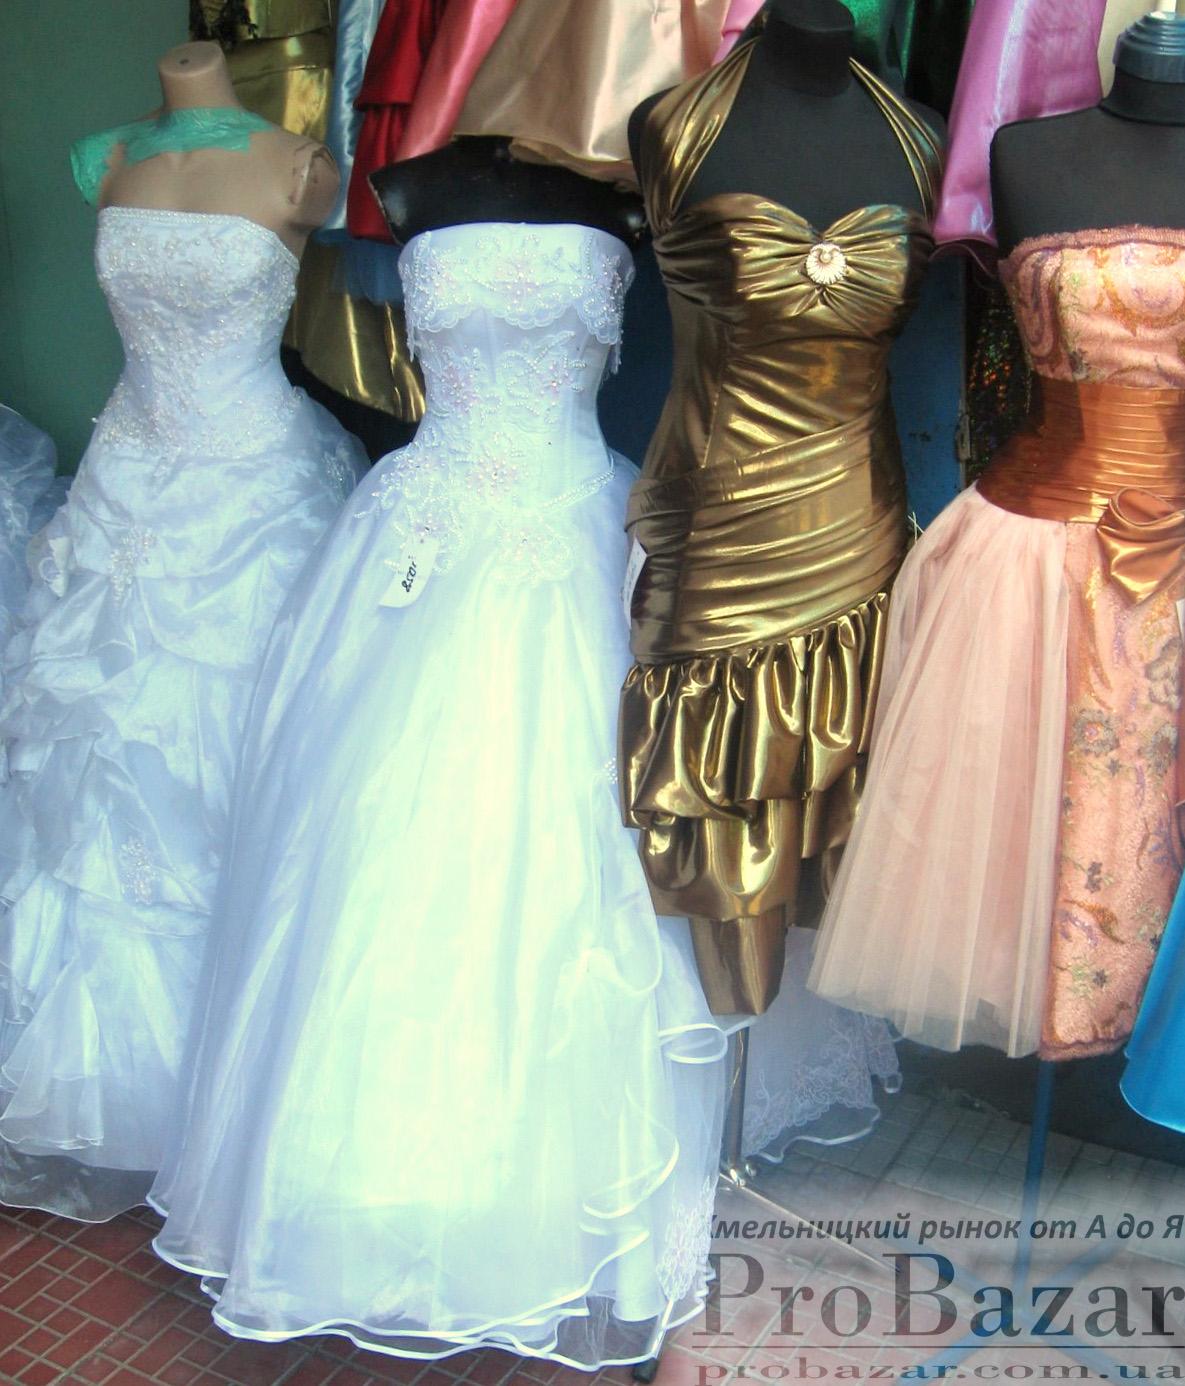 Хмельницкий рынок: свадебные платья